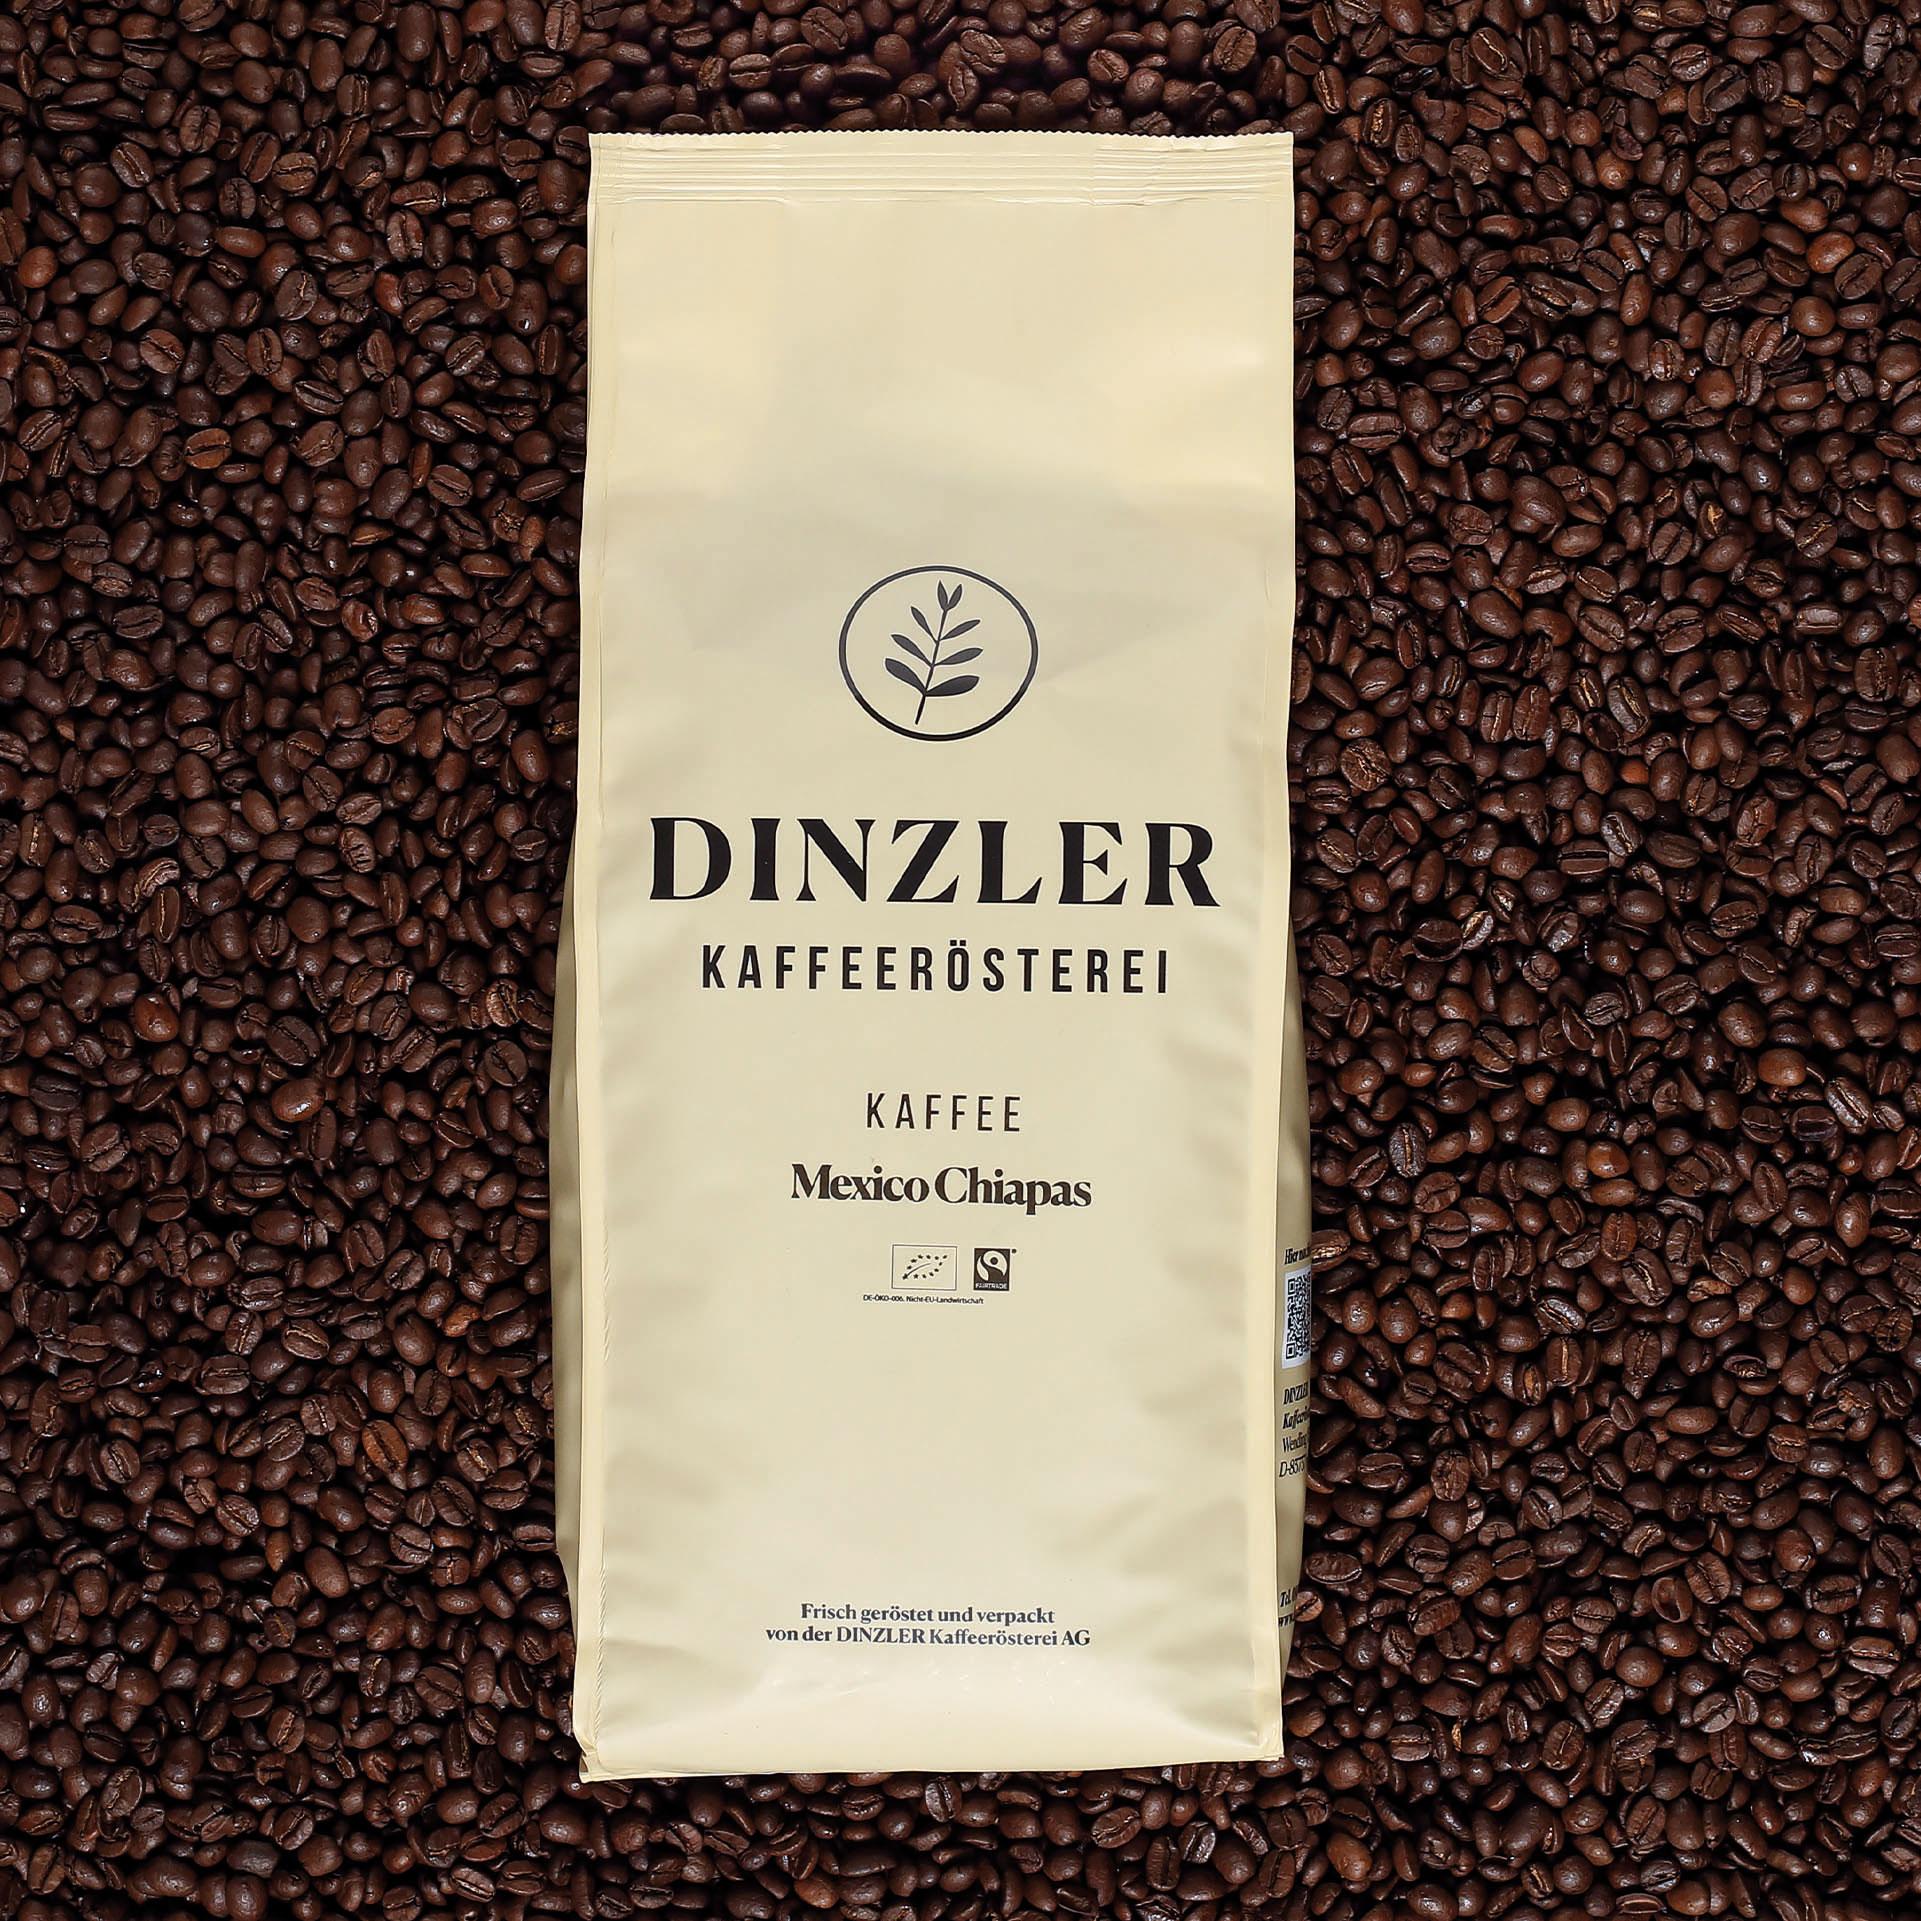 Kaffee Mexico Chiapas | DINZLER Shop